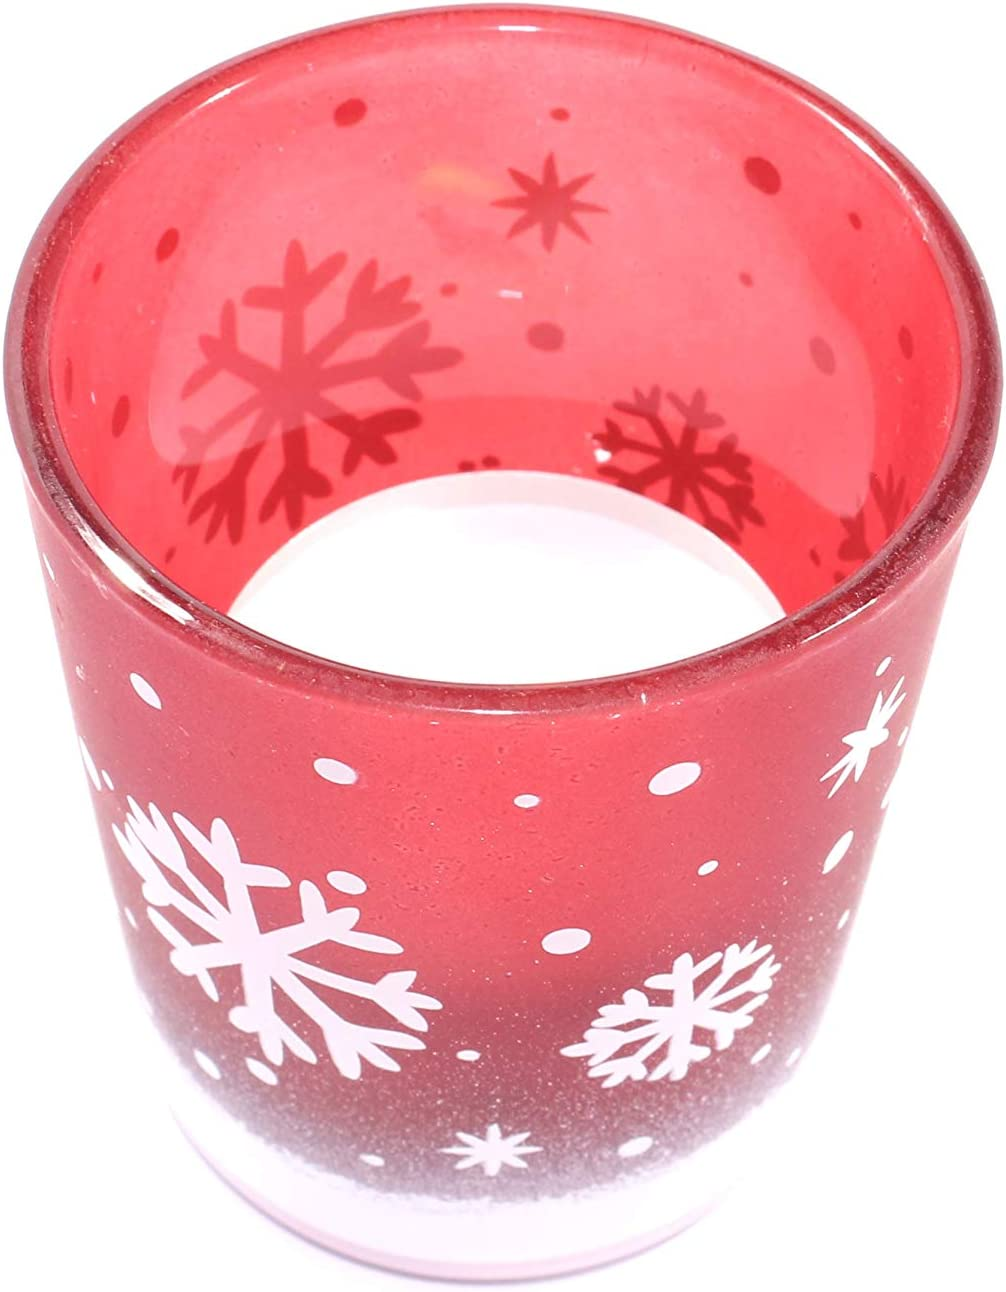 P-D-W 100 Teelichter wei/ß in Alu-H/ülse unbeduftet 4,5 Stunden Brenndauer Kerzen Teelicht